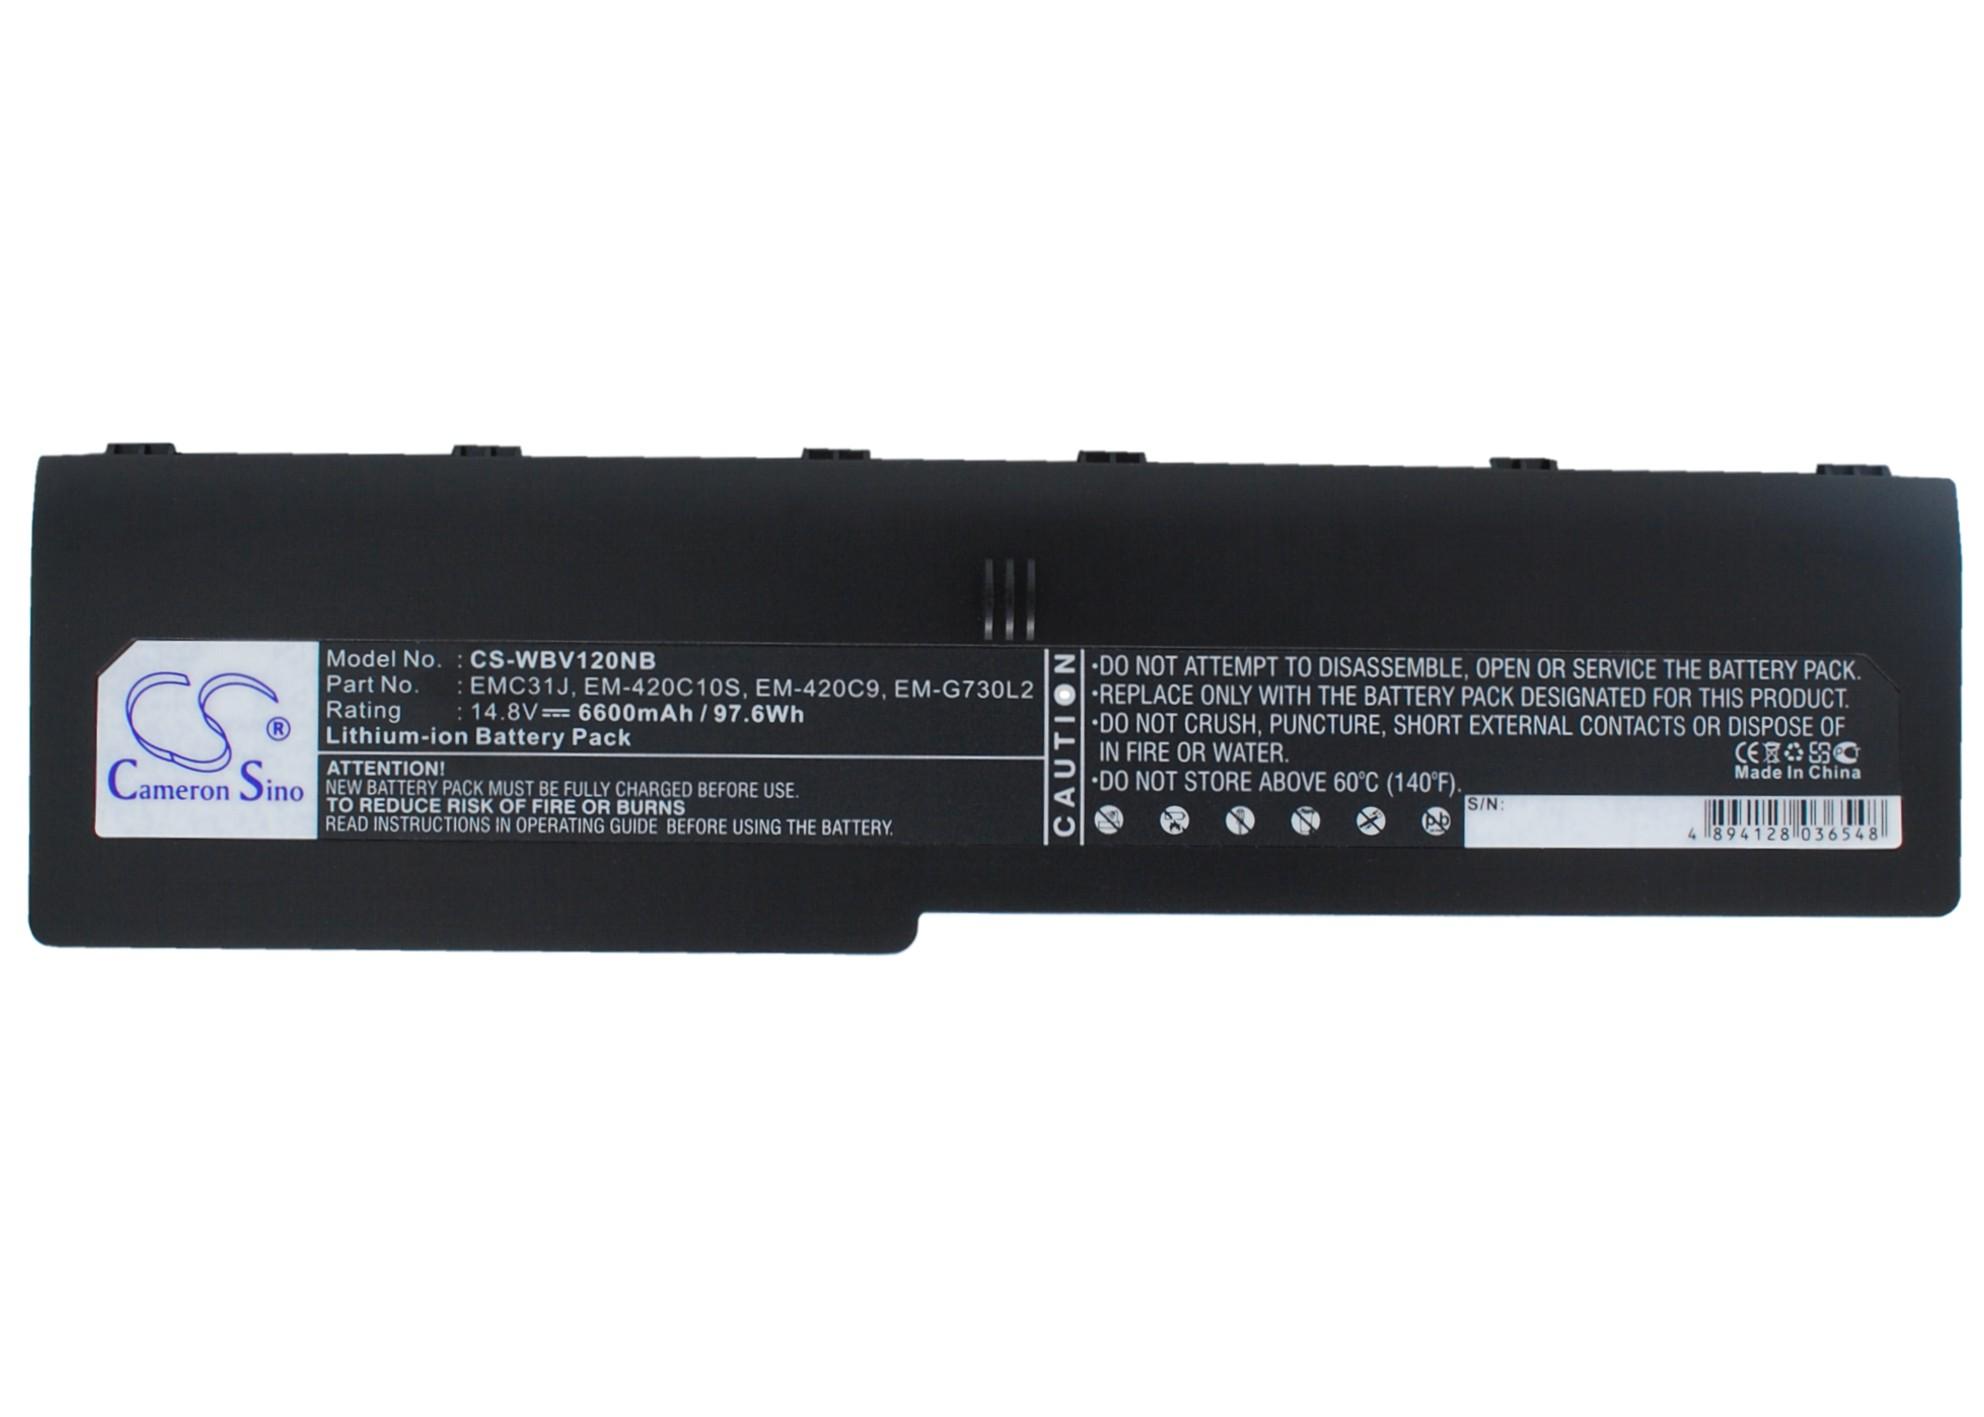 Cameron Sino baterie do notebooků pro YAKUMO Q7M DVD XD 14.8V Li-ion 6600mAh černá - neoriginální